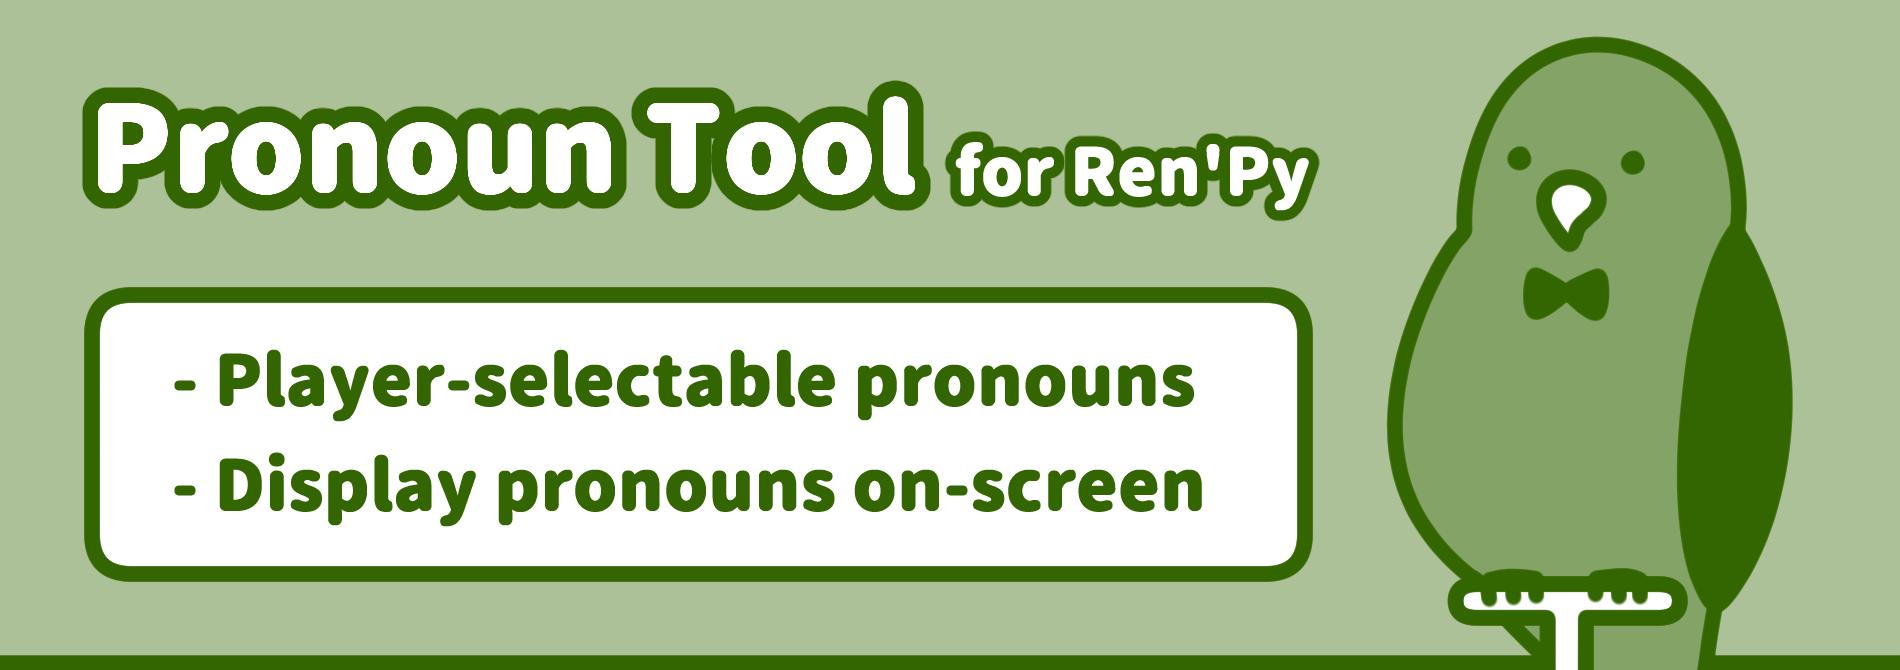 Pronoun Tool for Ren'Py